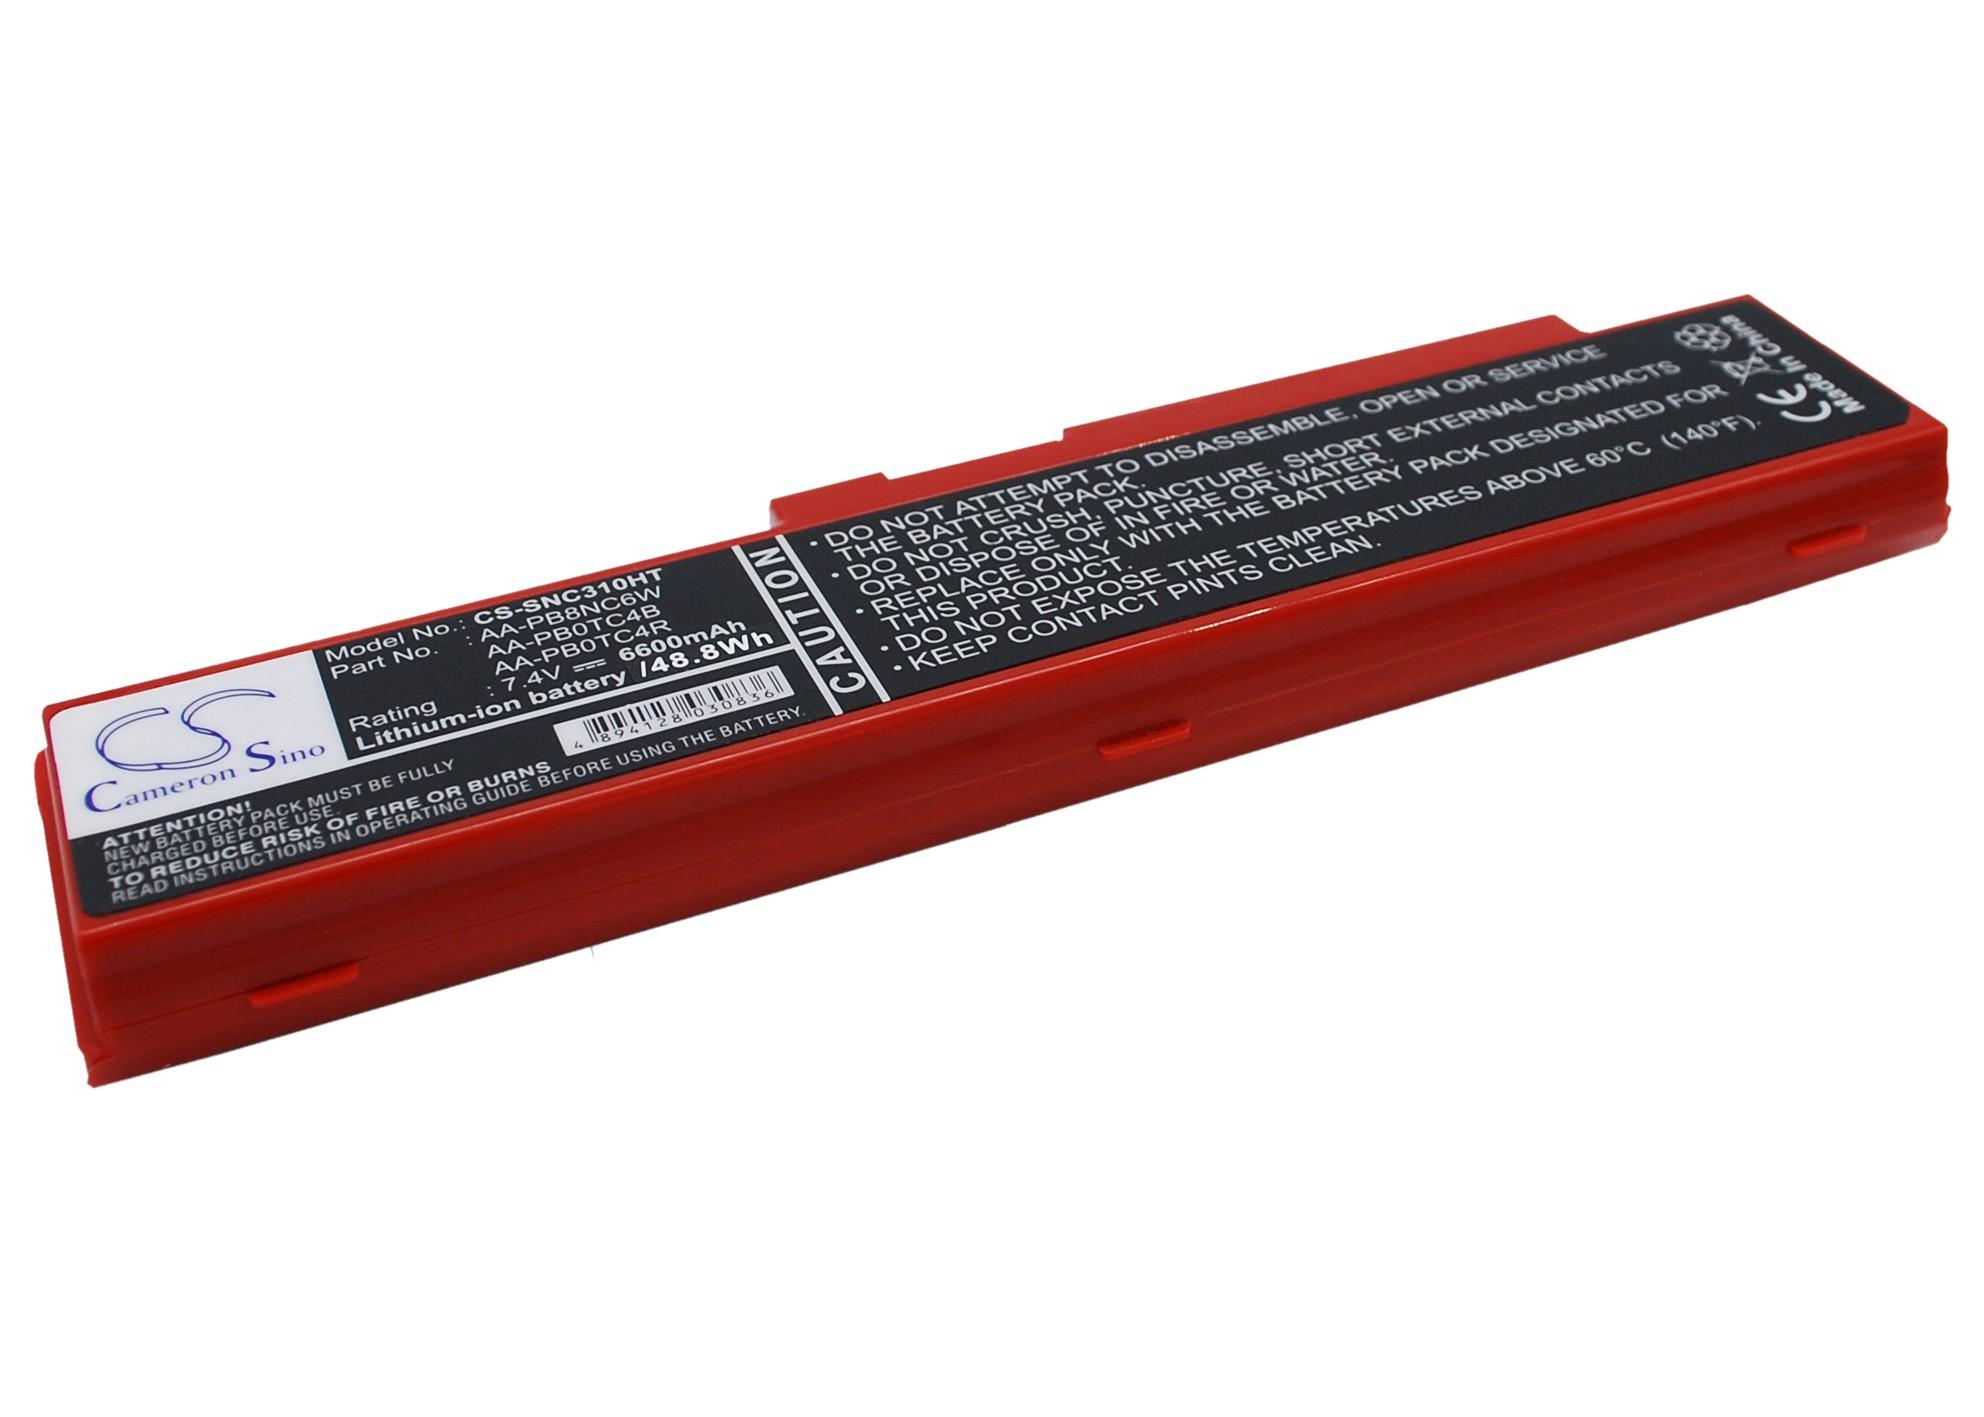 Cameron Sino baterie do netbooků pro SAMSUNG NP-X120-JA01 7.4V Li-ion 6600mAh červená - neoriginální